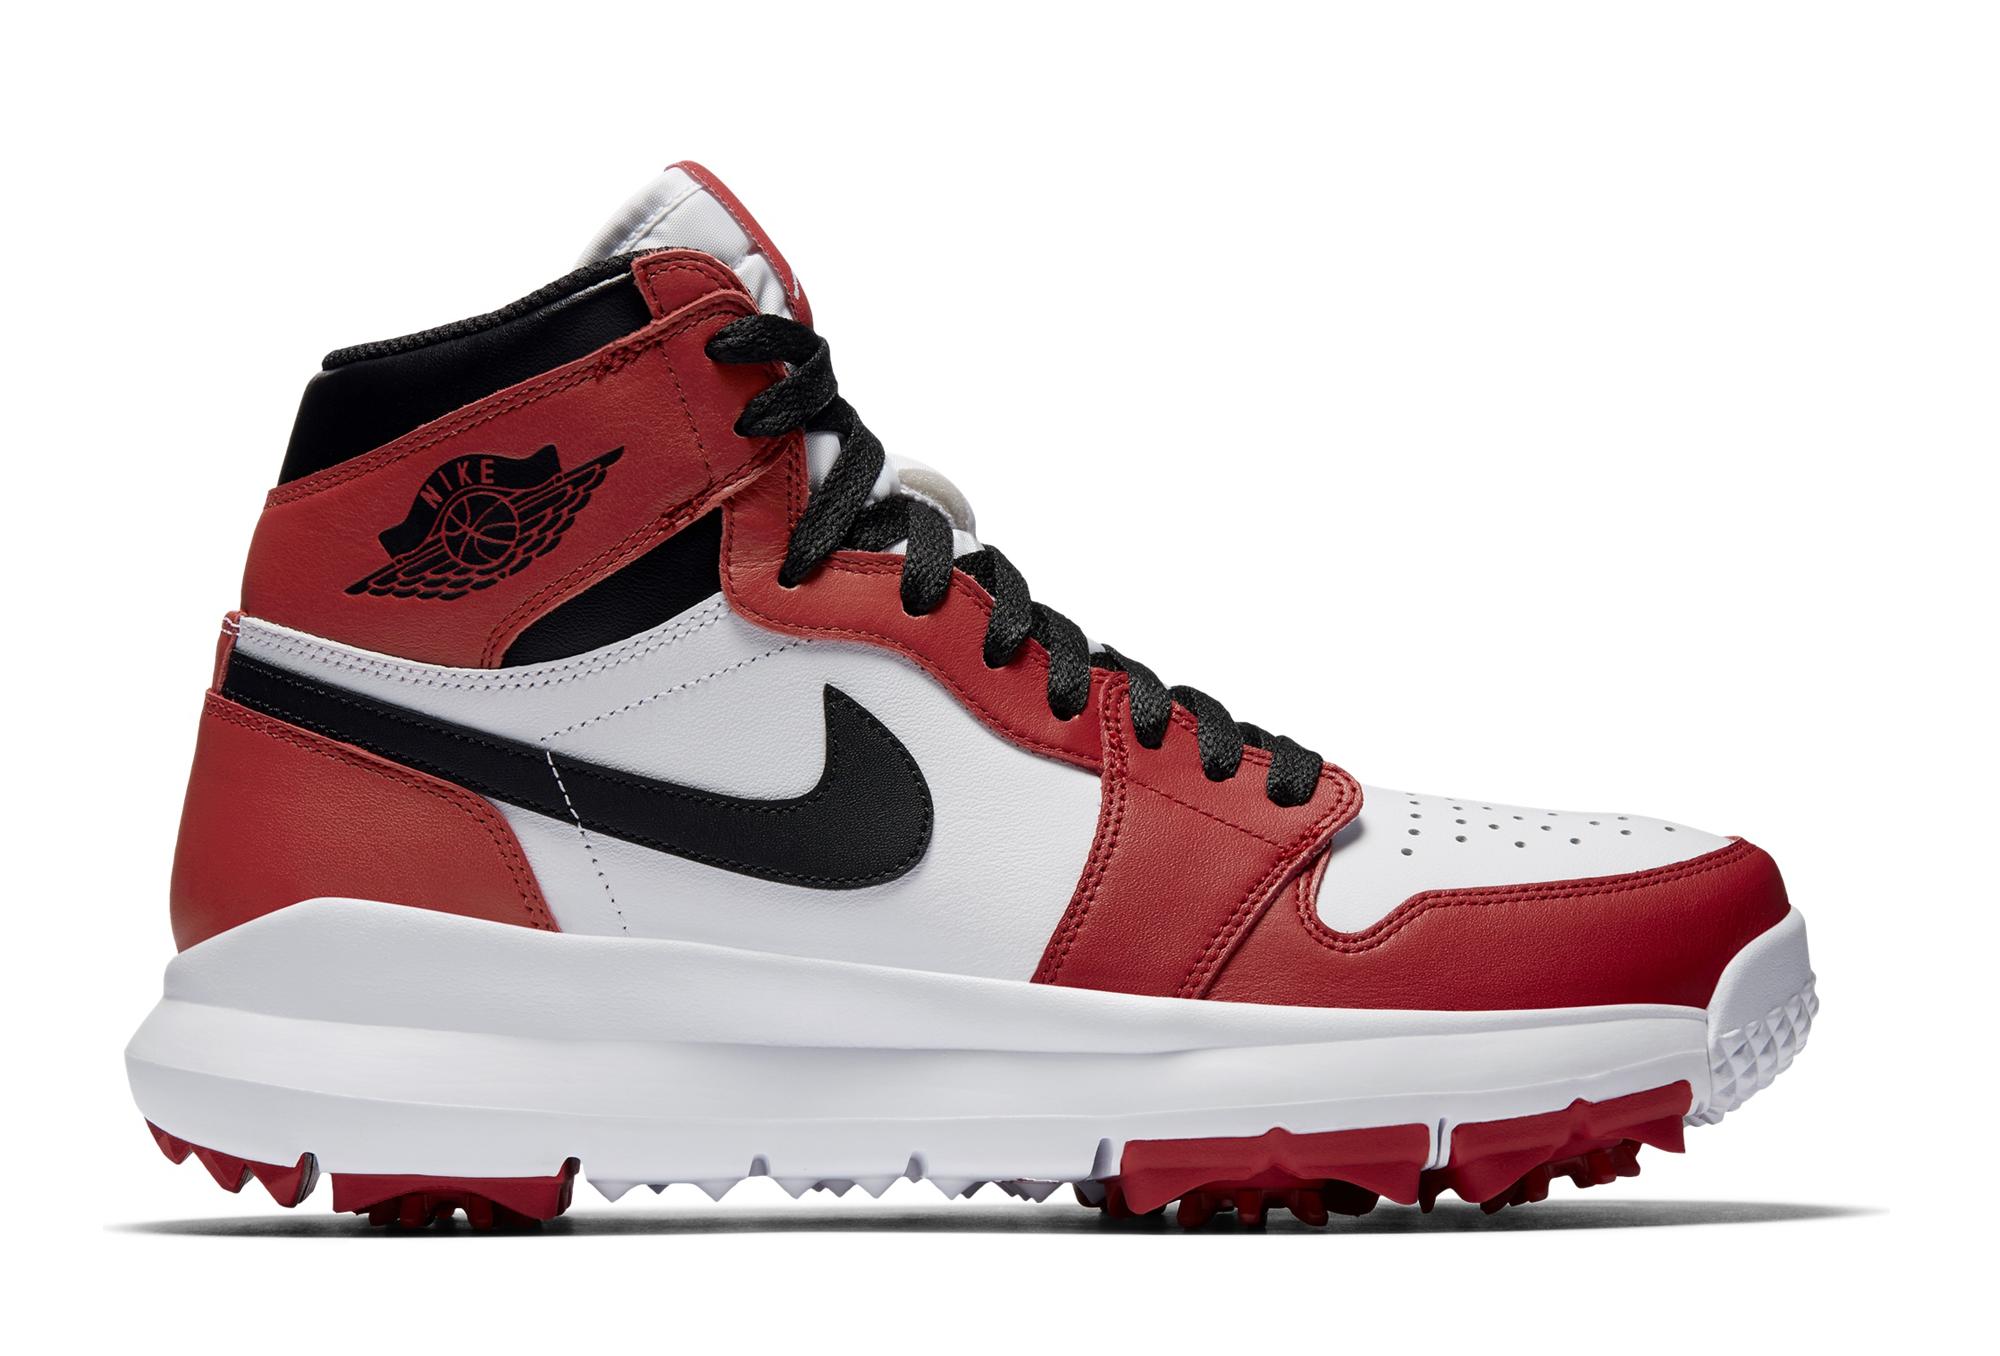 Air Jordan 1 Retro Golf Chicago - StockX News